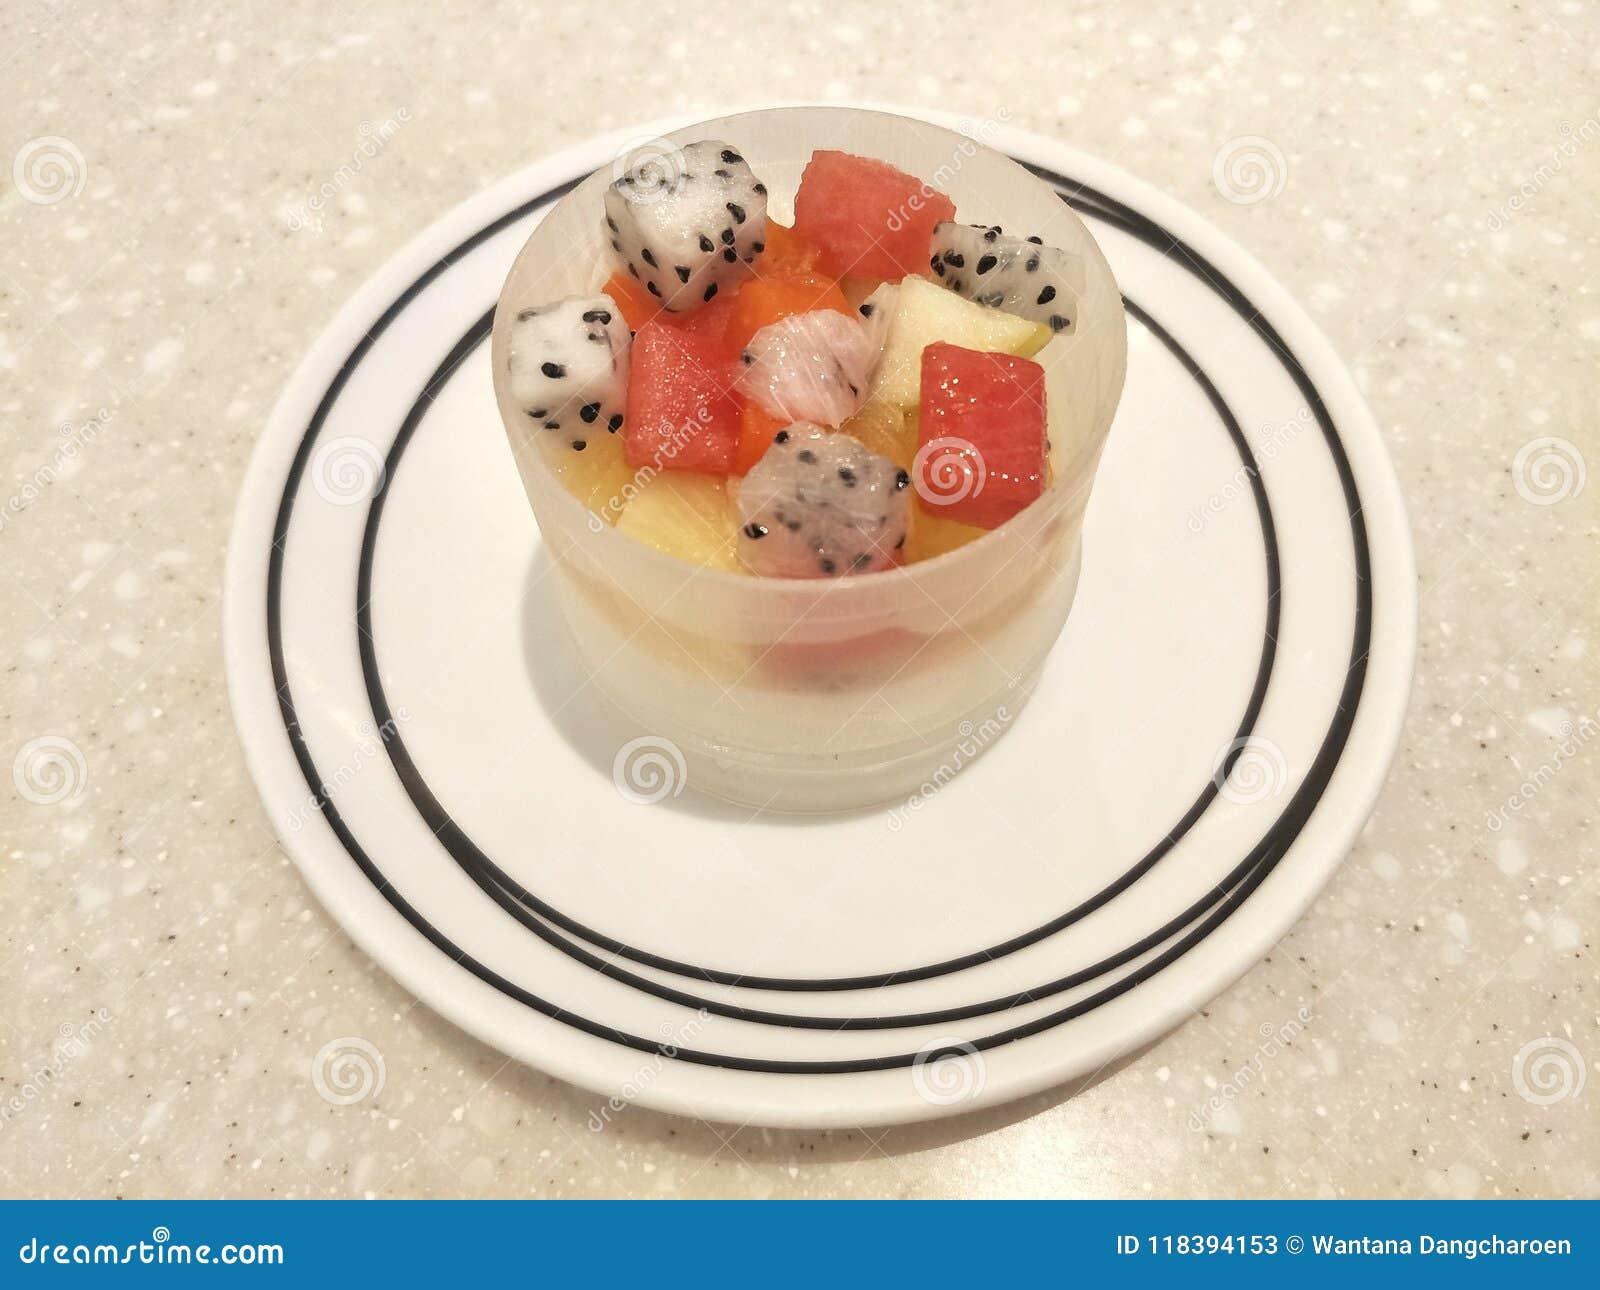 Kop van pudding met fruitsalade